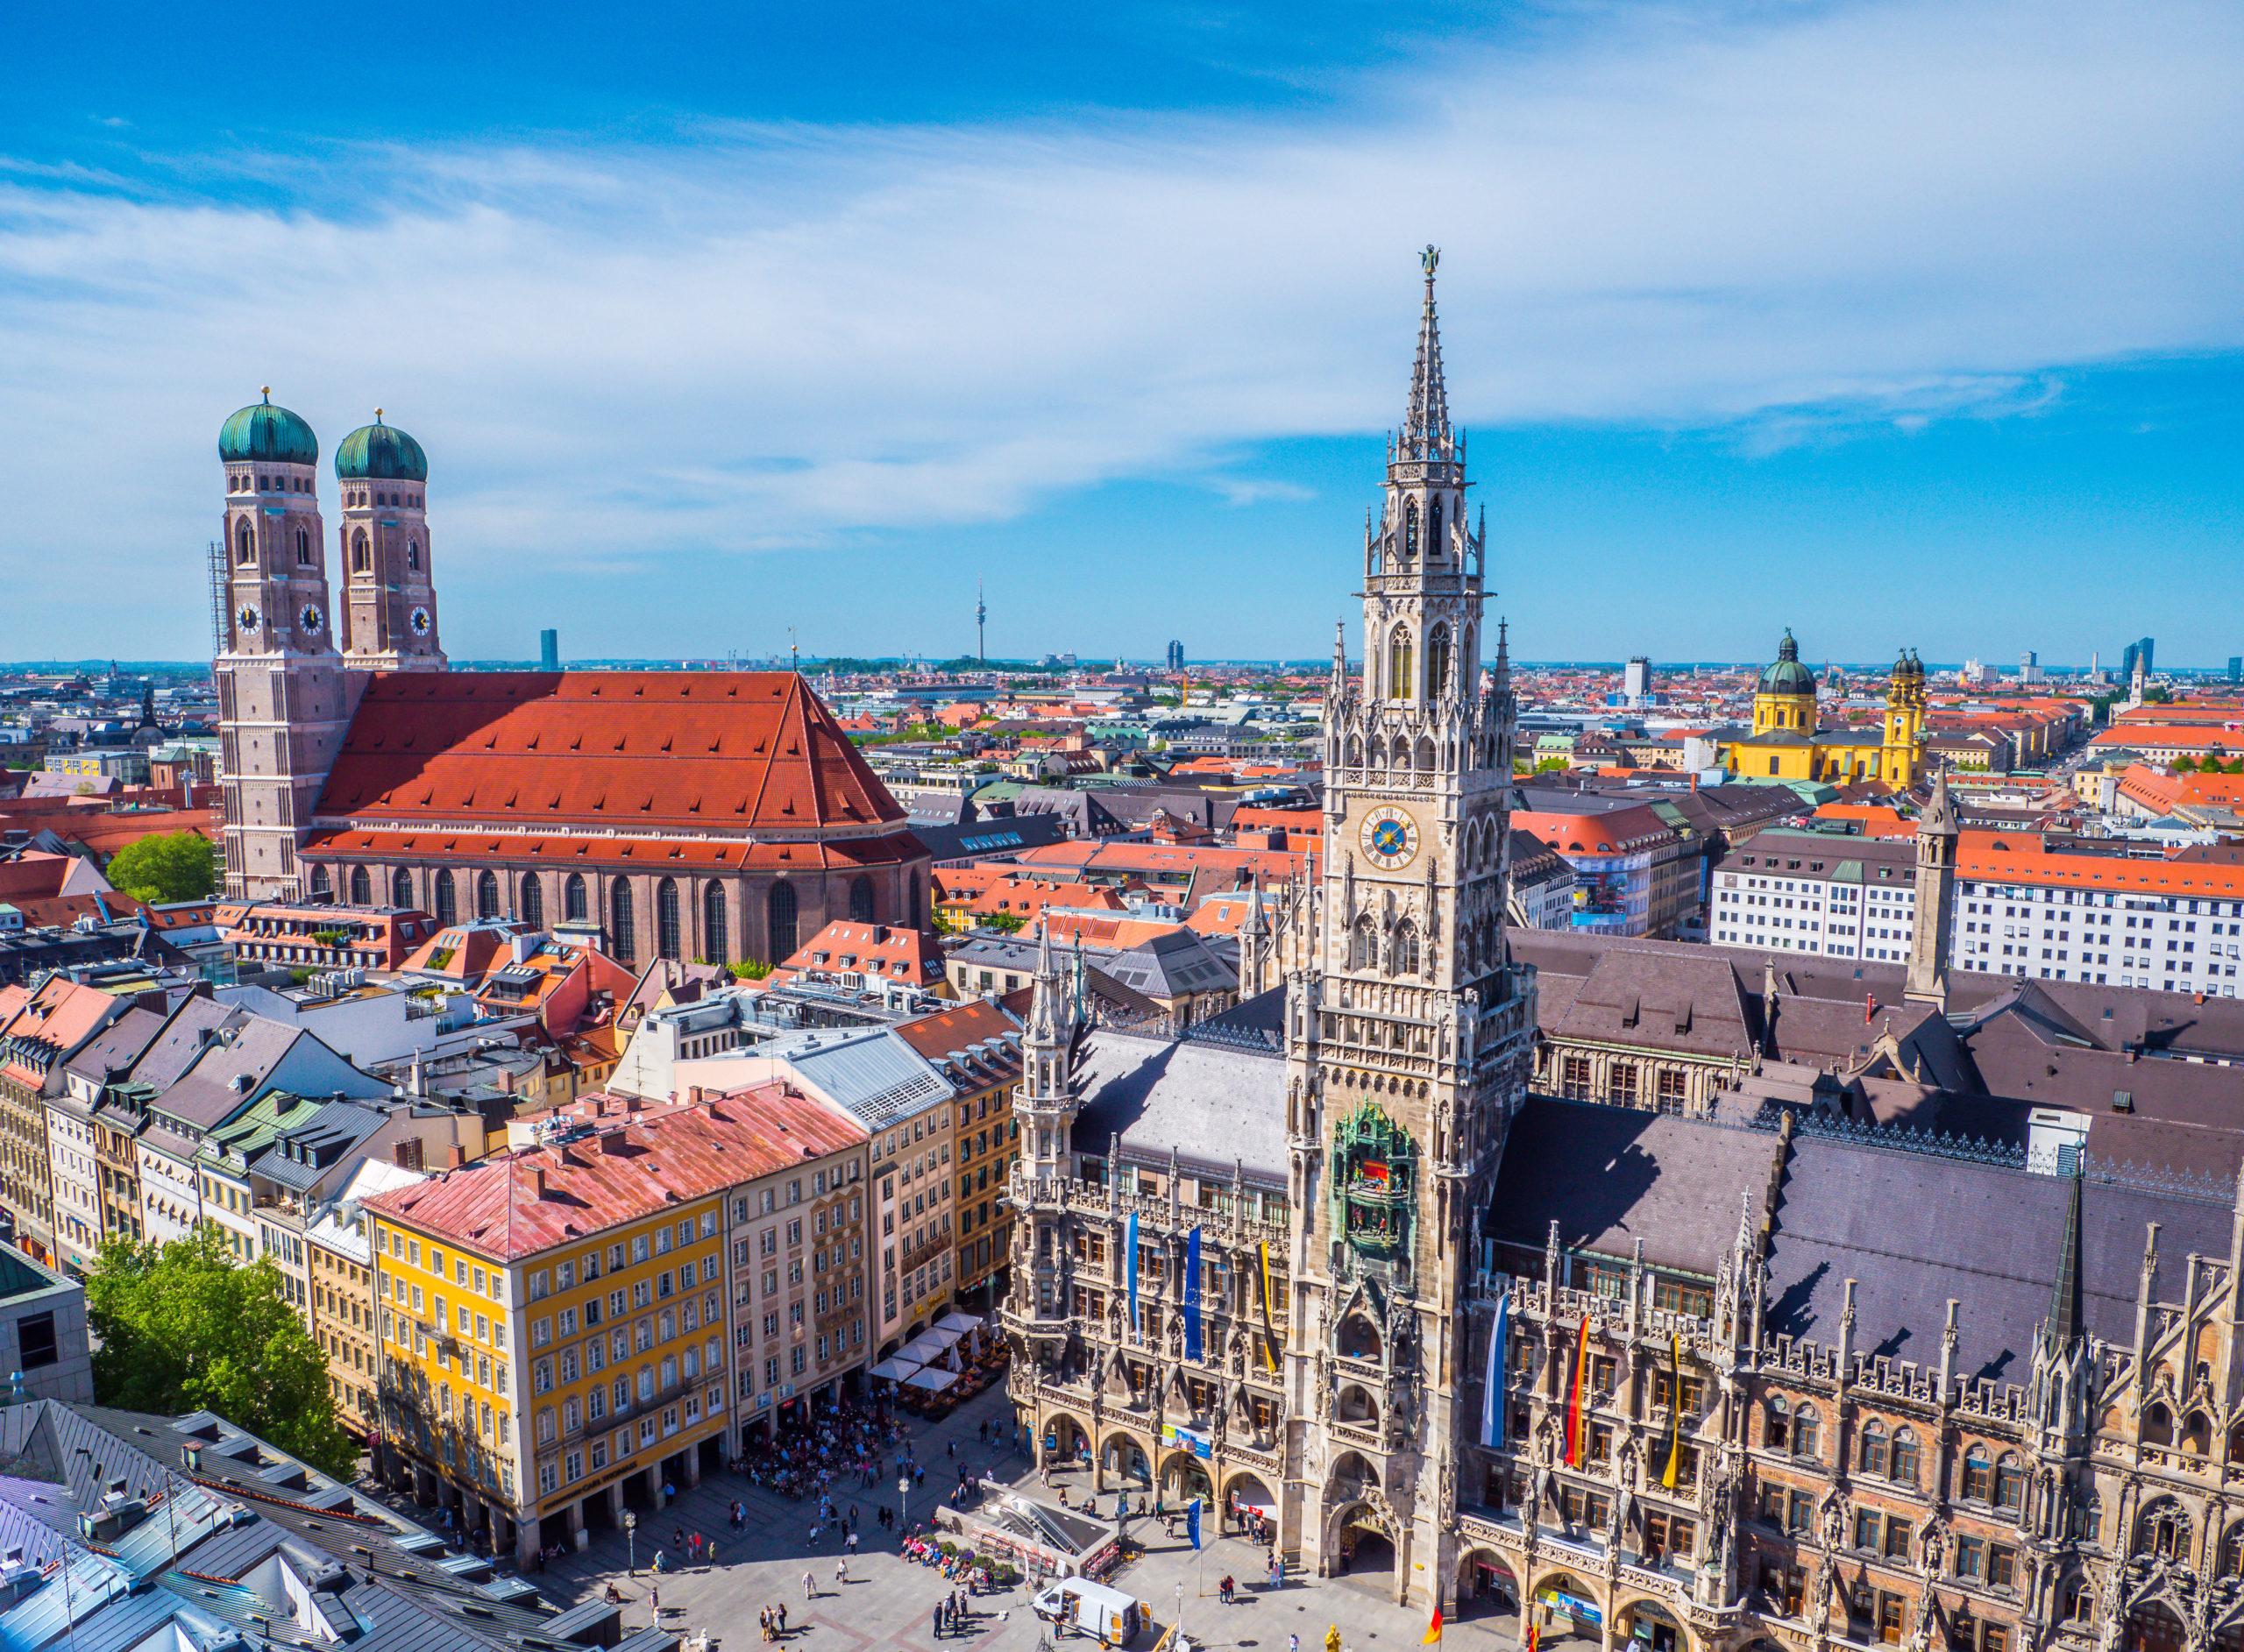 Toller Panoramablick von der Innenstadt in München